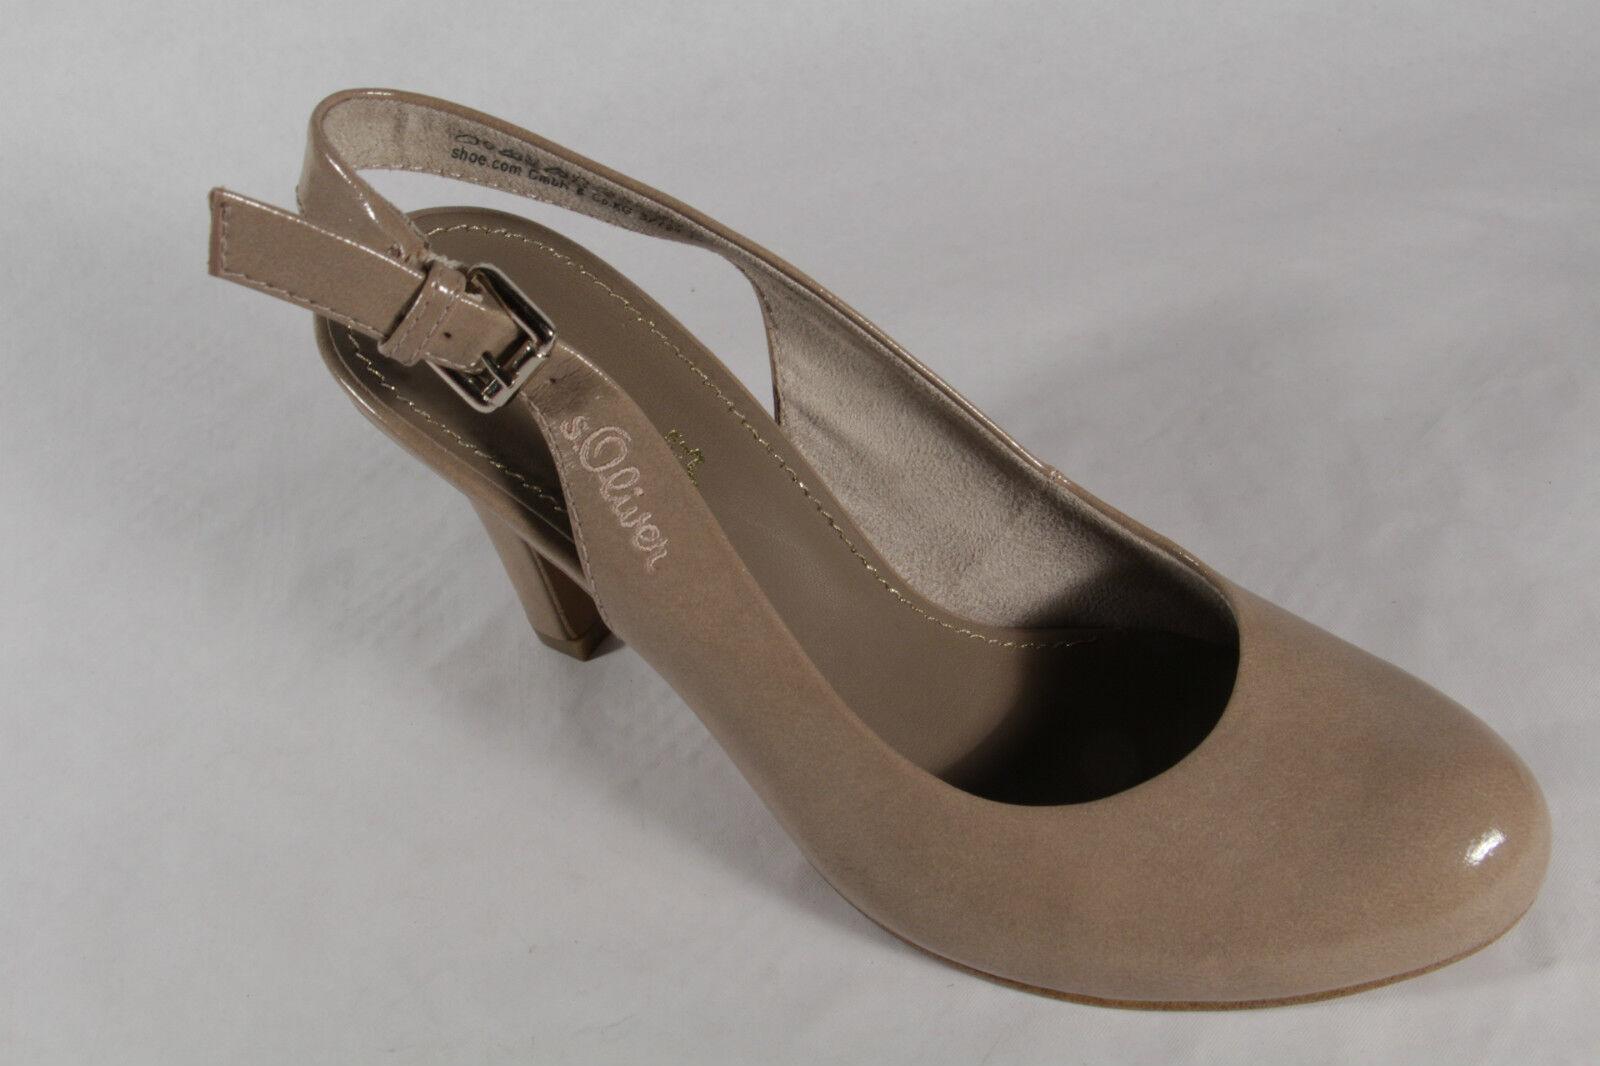 S.Oliver Sling Sandal, Sandal, Sandal, Sand Beige, Leather Insole Deck NEW acc7cb